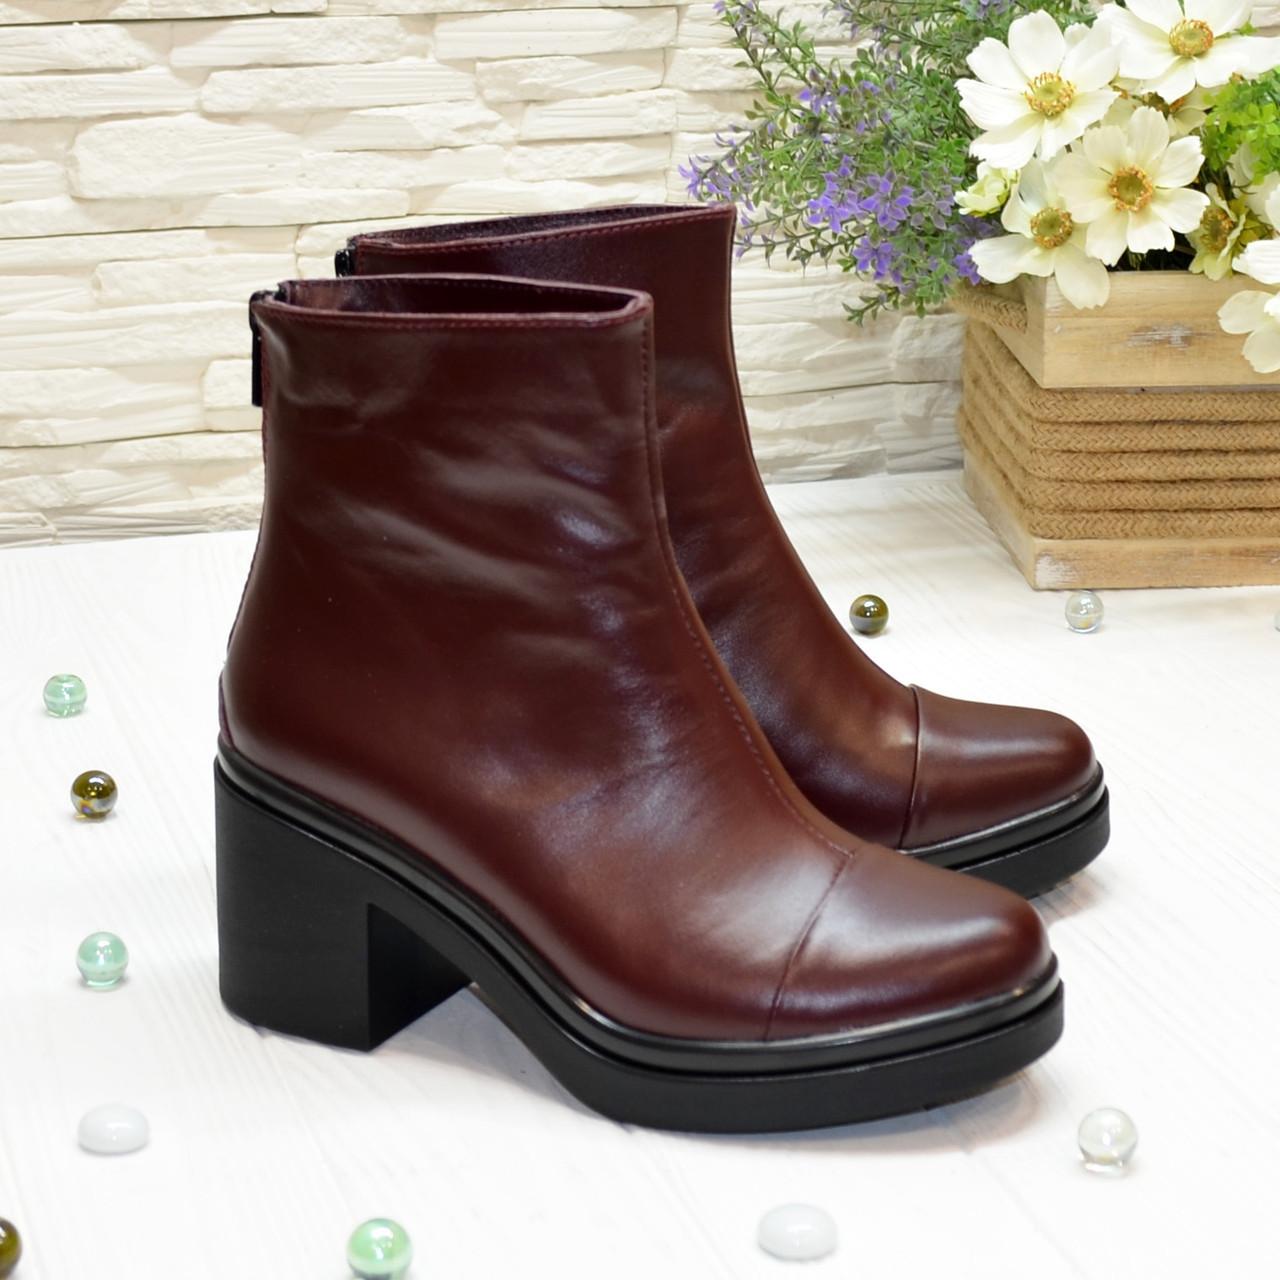 Ботинки женские на устойчивом каблуке, натуральная бордовая кожа.